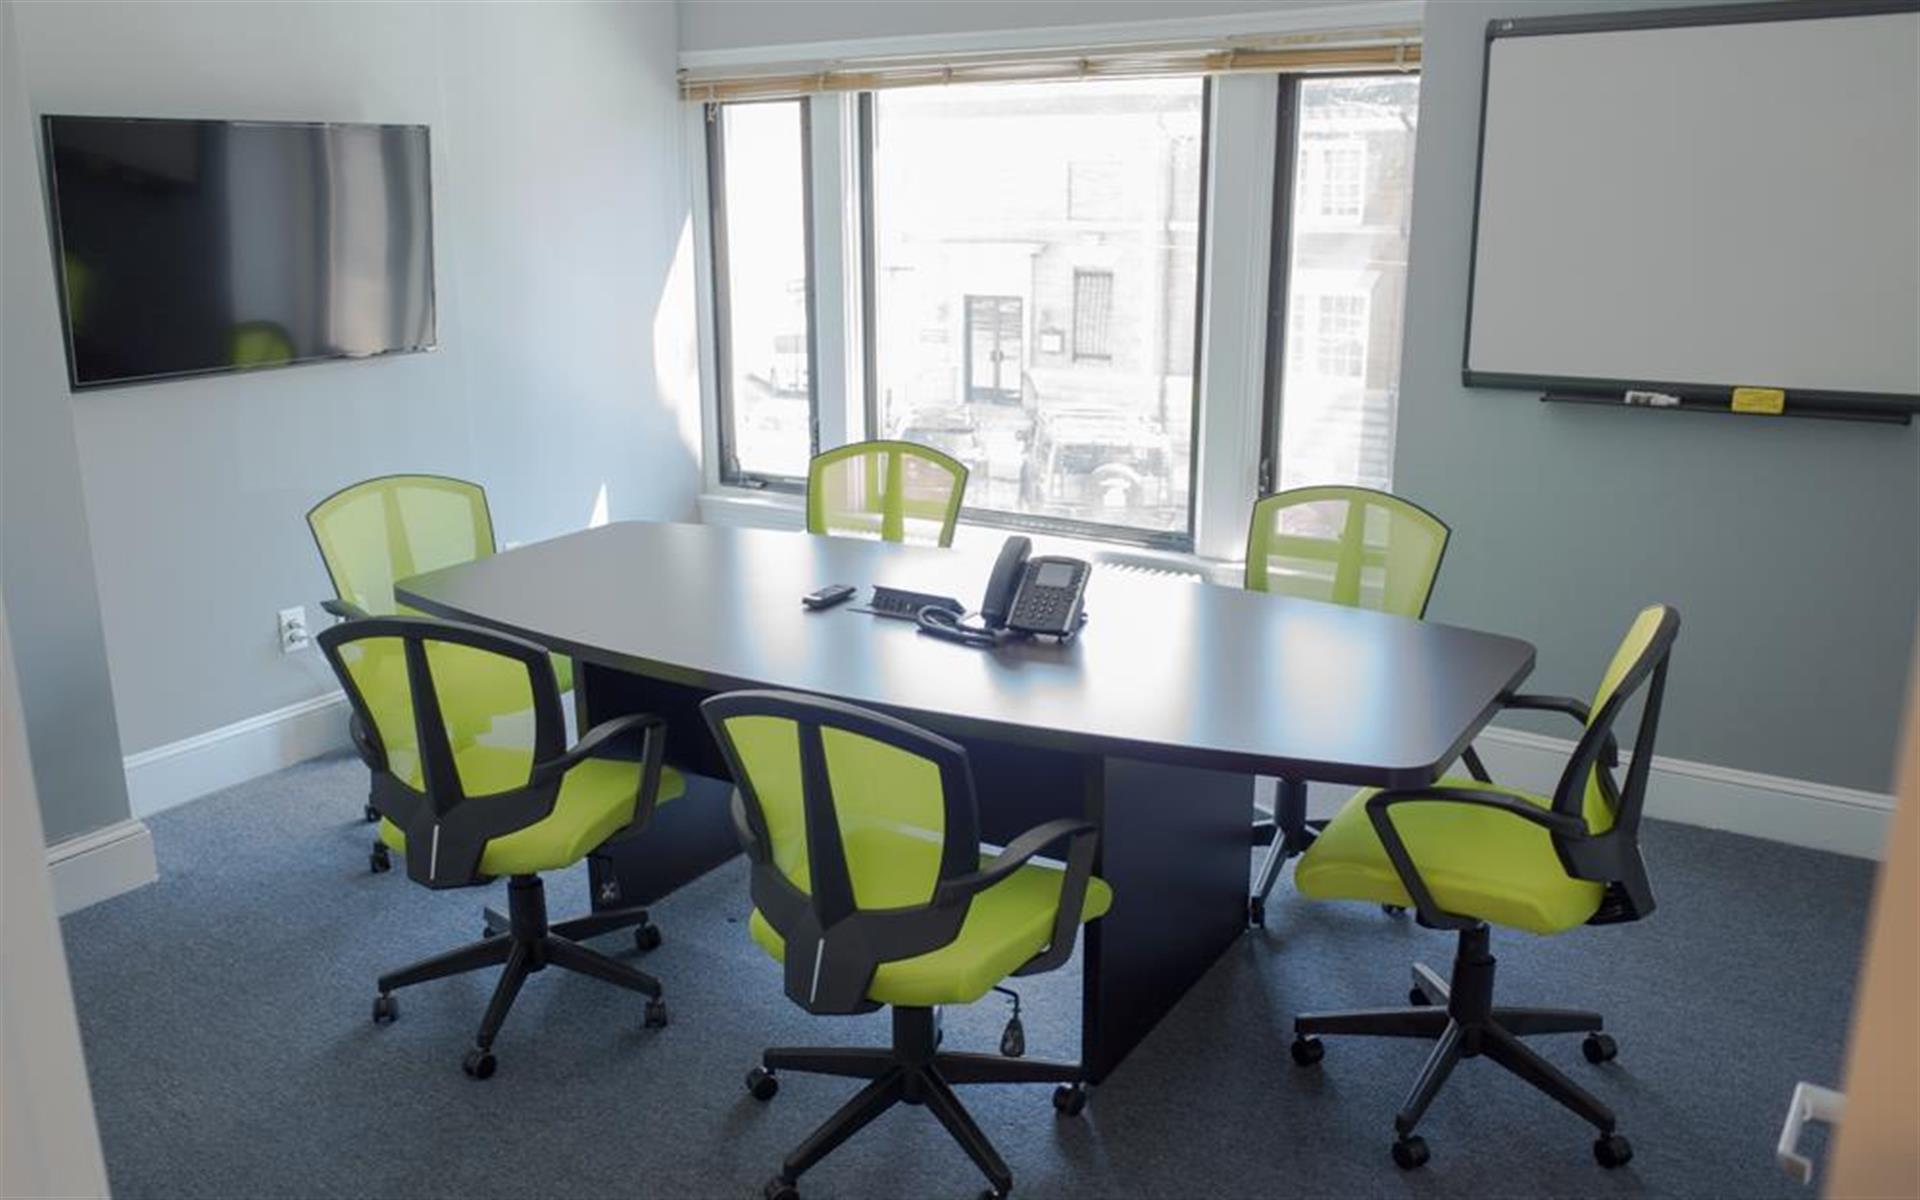 HeadRoom - Media - Collaboration Room